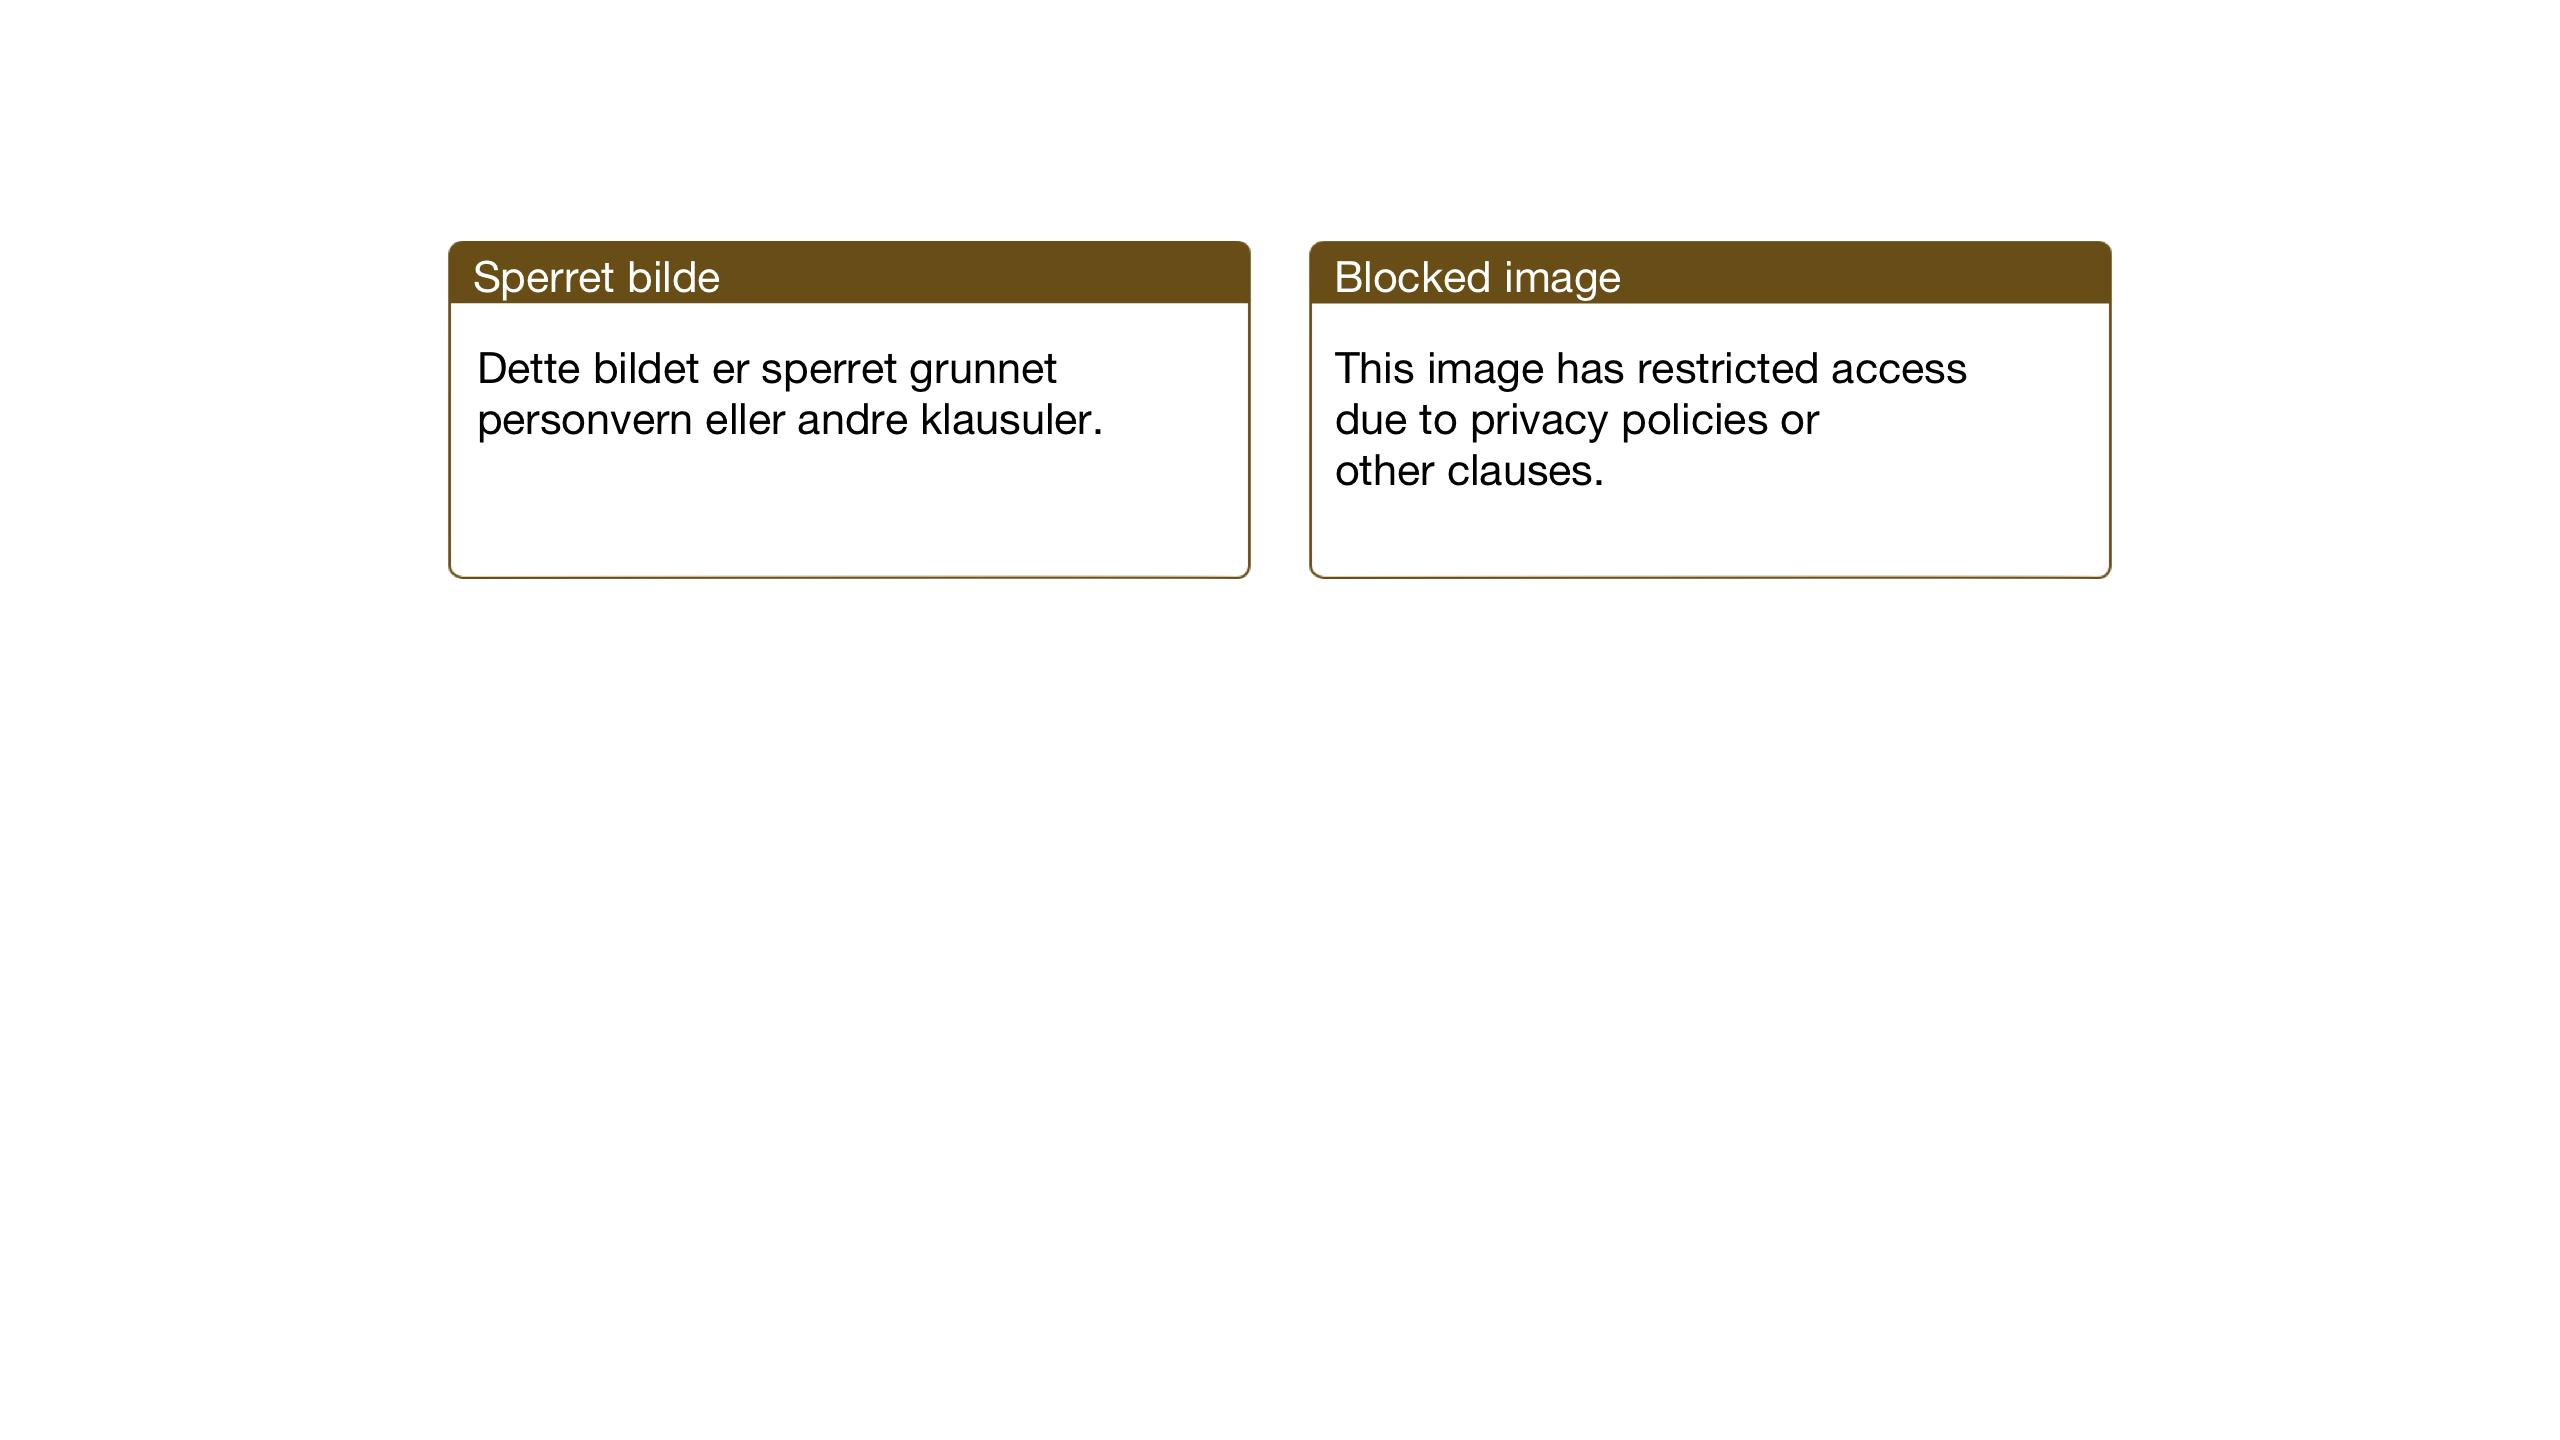 SAT, Ministerialprotokoller, klokkerbøker og fødselsregistre - Sør-Trøndelag, 637/L0564: Klokkerbok nr. 637C05, 1928-1968, s. 21